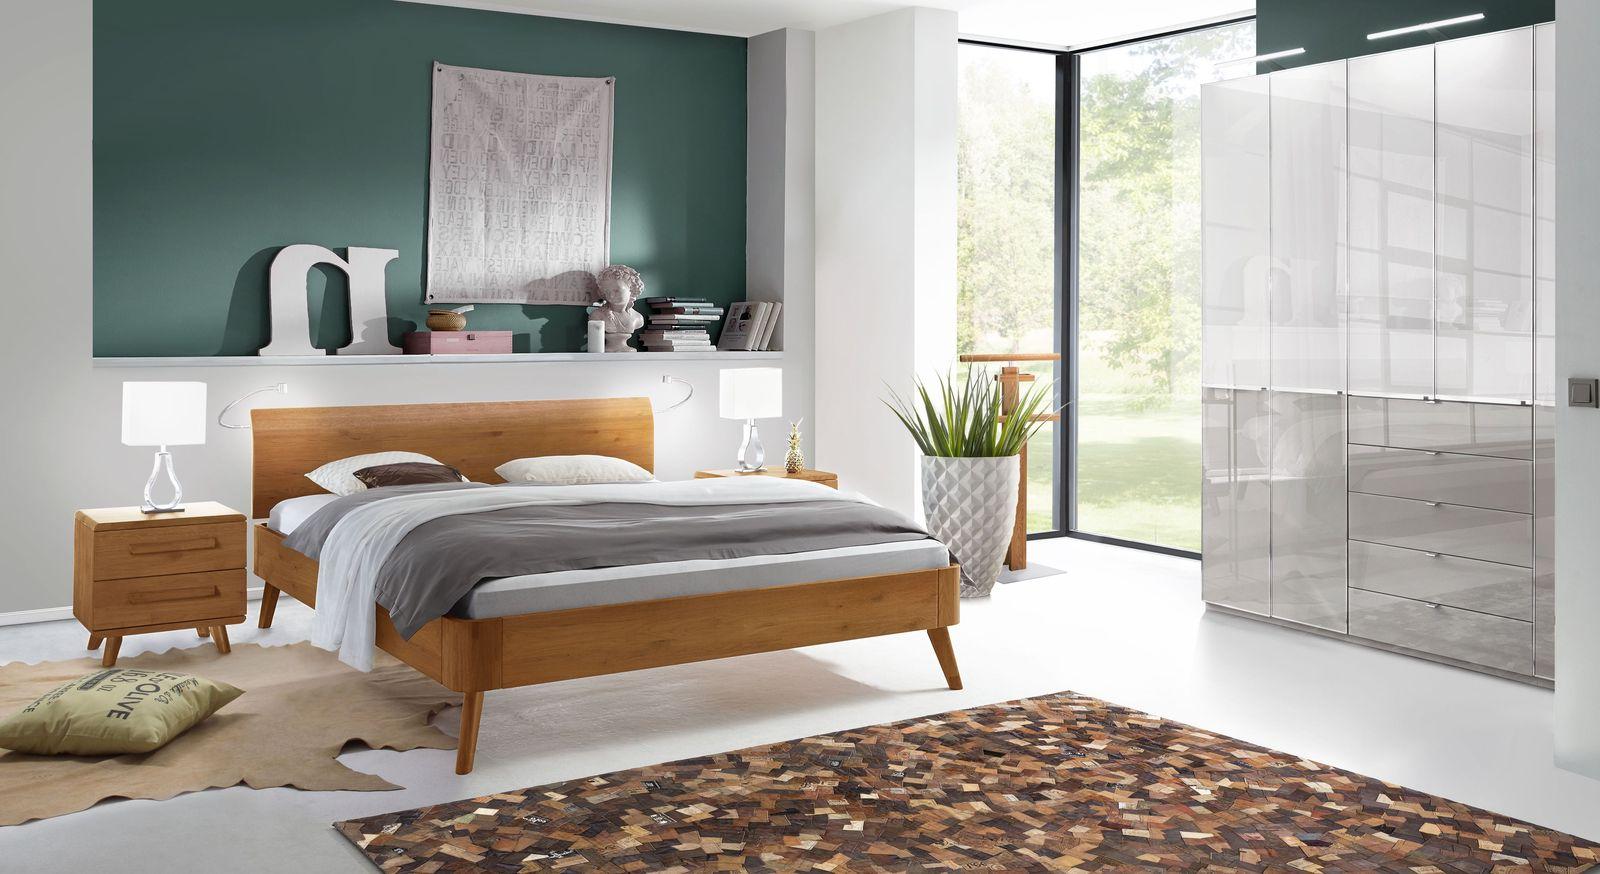 Schlafzimmer Manouba mit Massivholzbett und Glas-Kleiderschrank